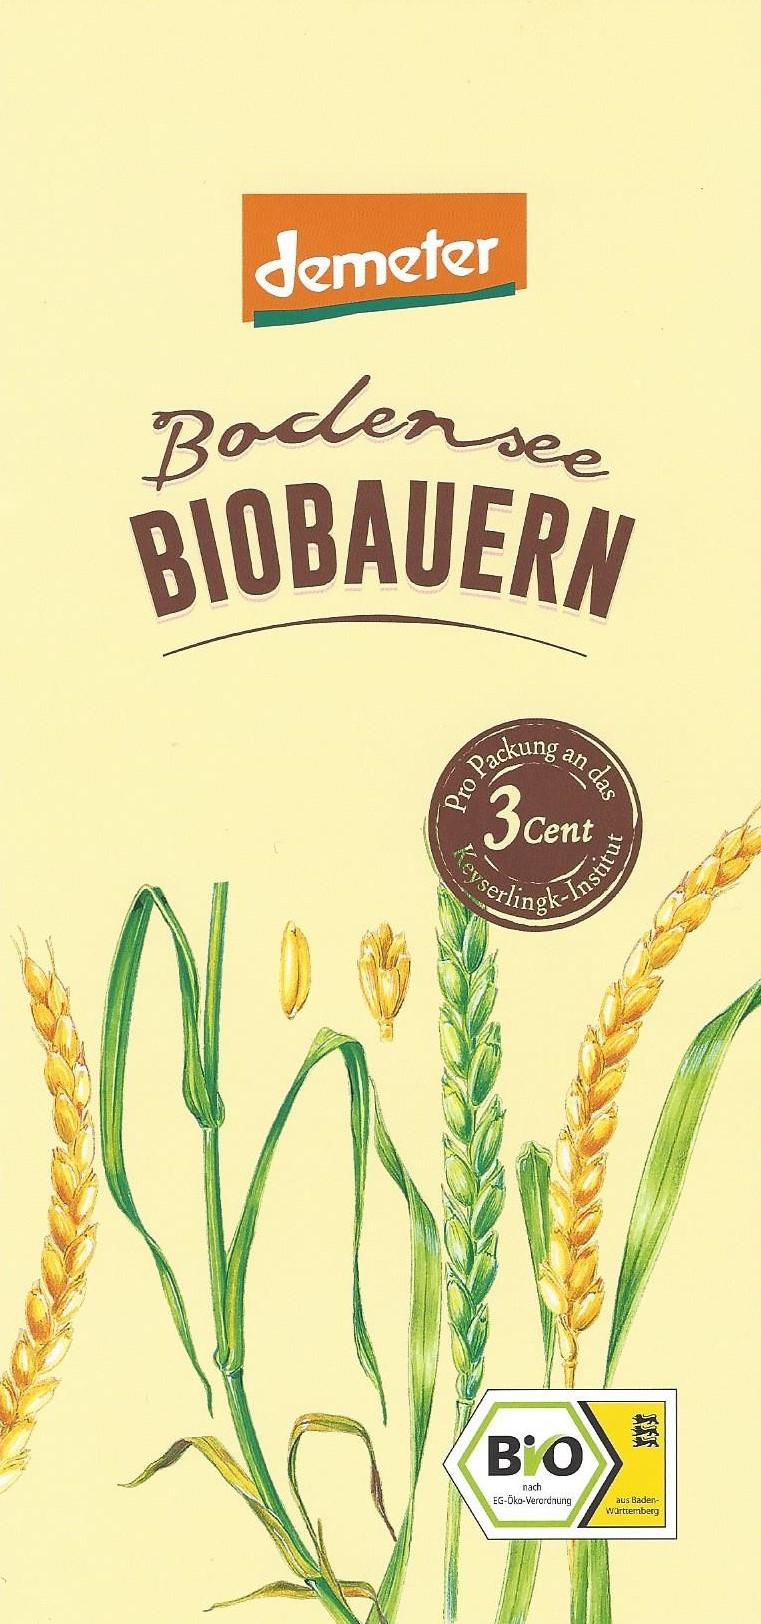 Biobauern